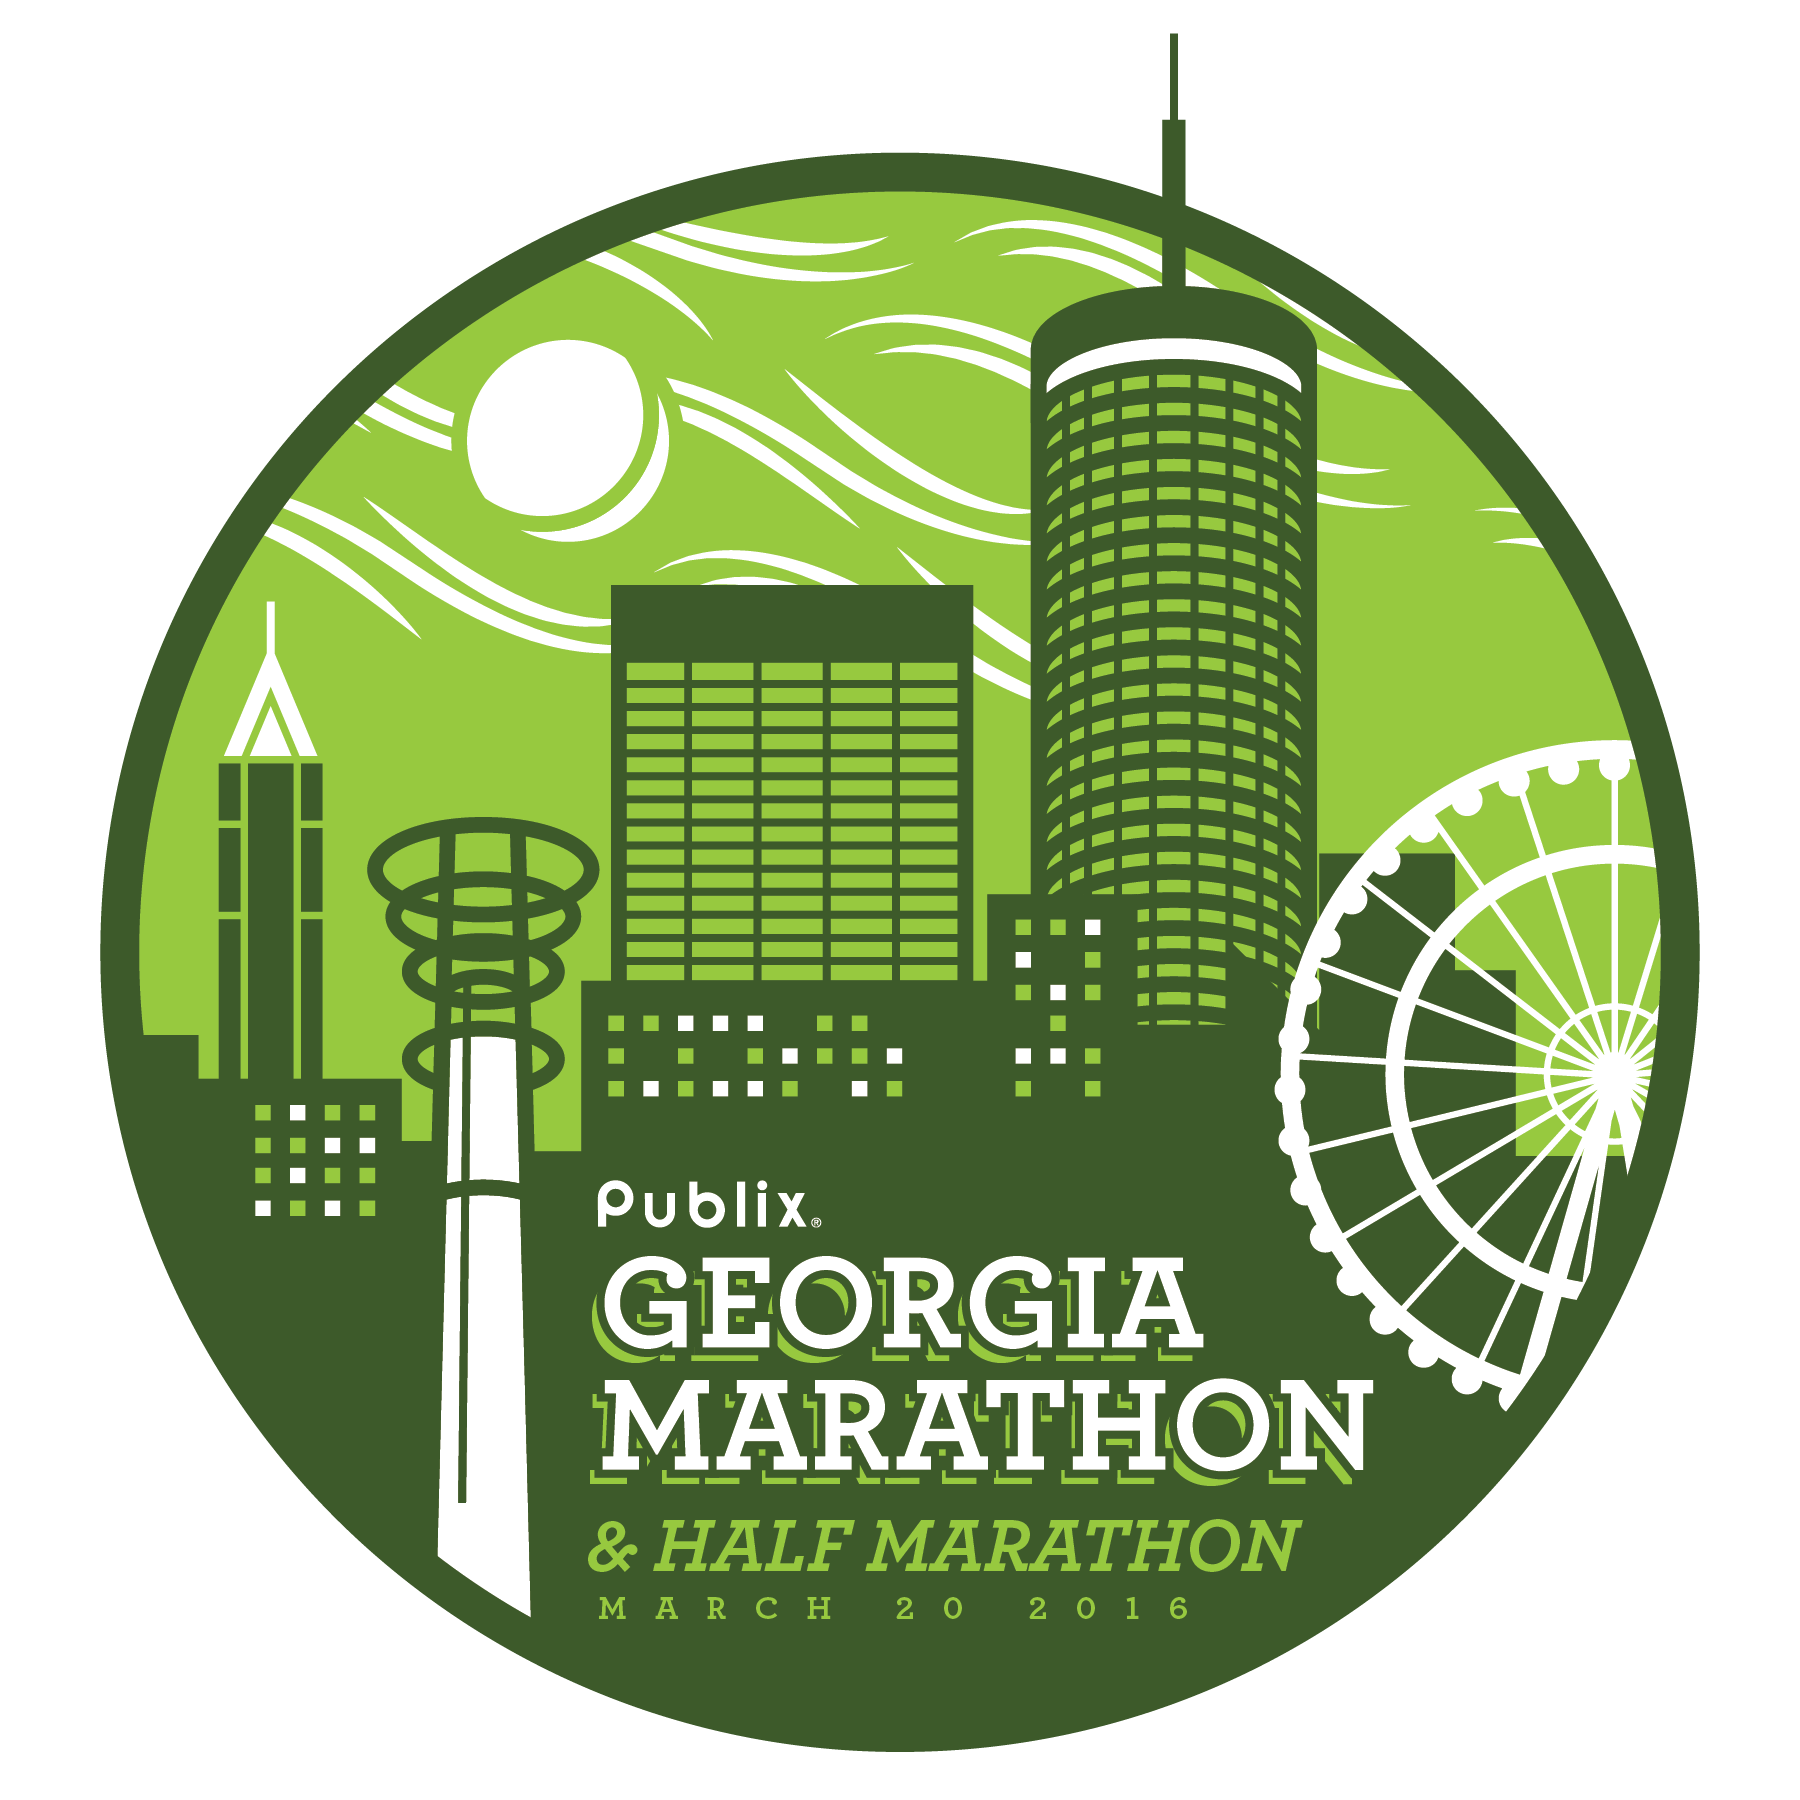 Publix Georgia Marathon V2-03.png